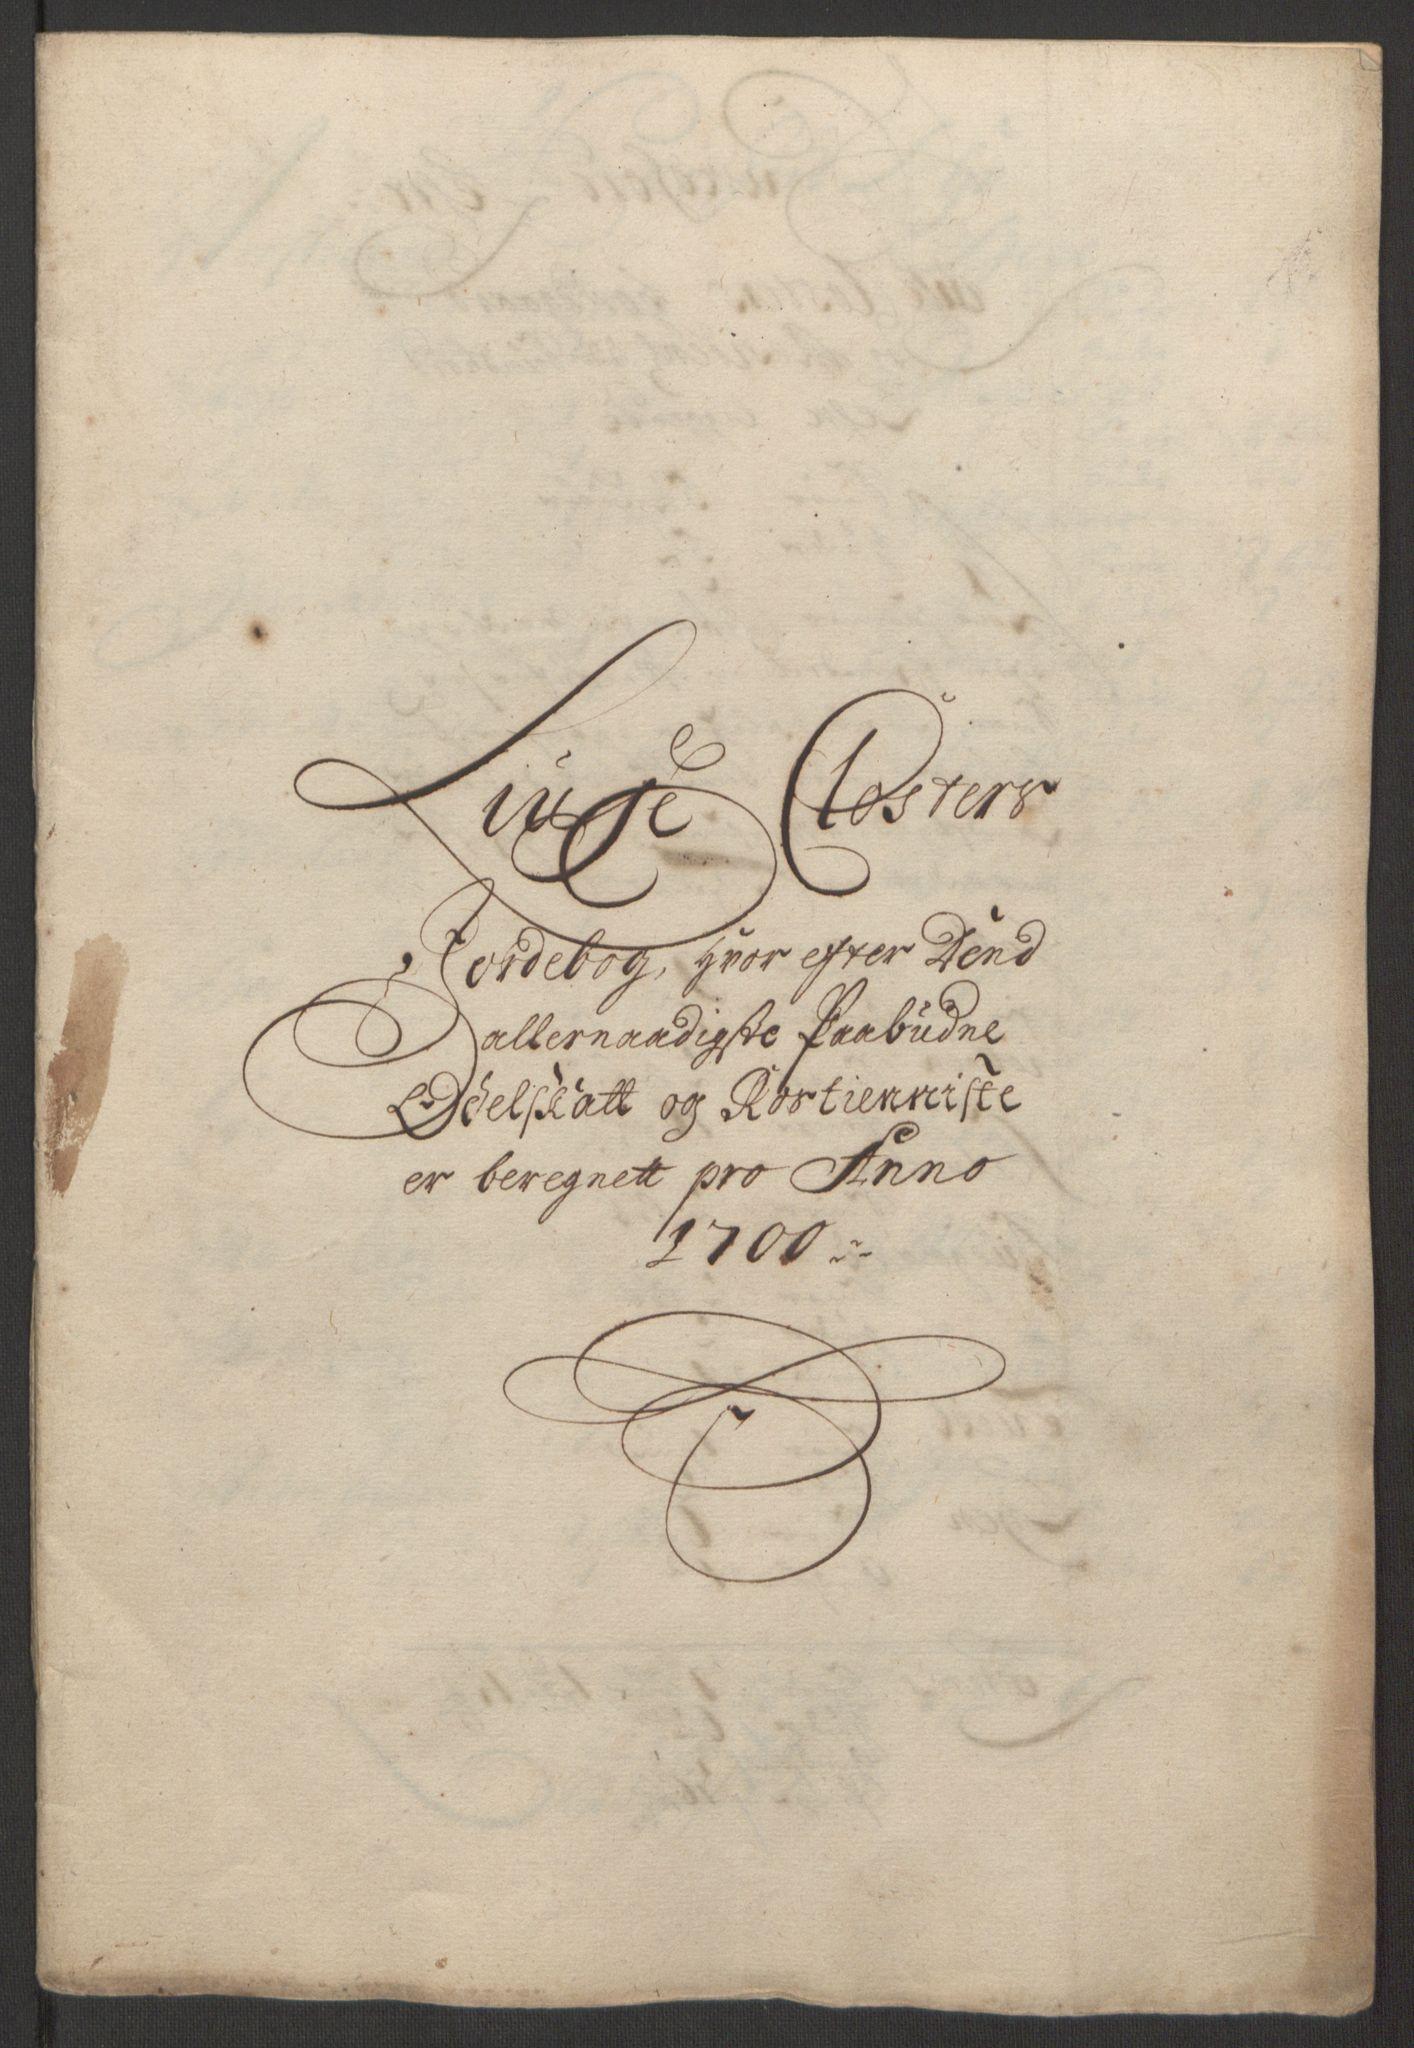 RA, Rentekammeret inntil 1814, Reviderte regnskaper, Fogderegnskap, R50/L3159: Fogderegnskap Lyse kloster, 1691-1709, s. 119